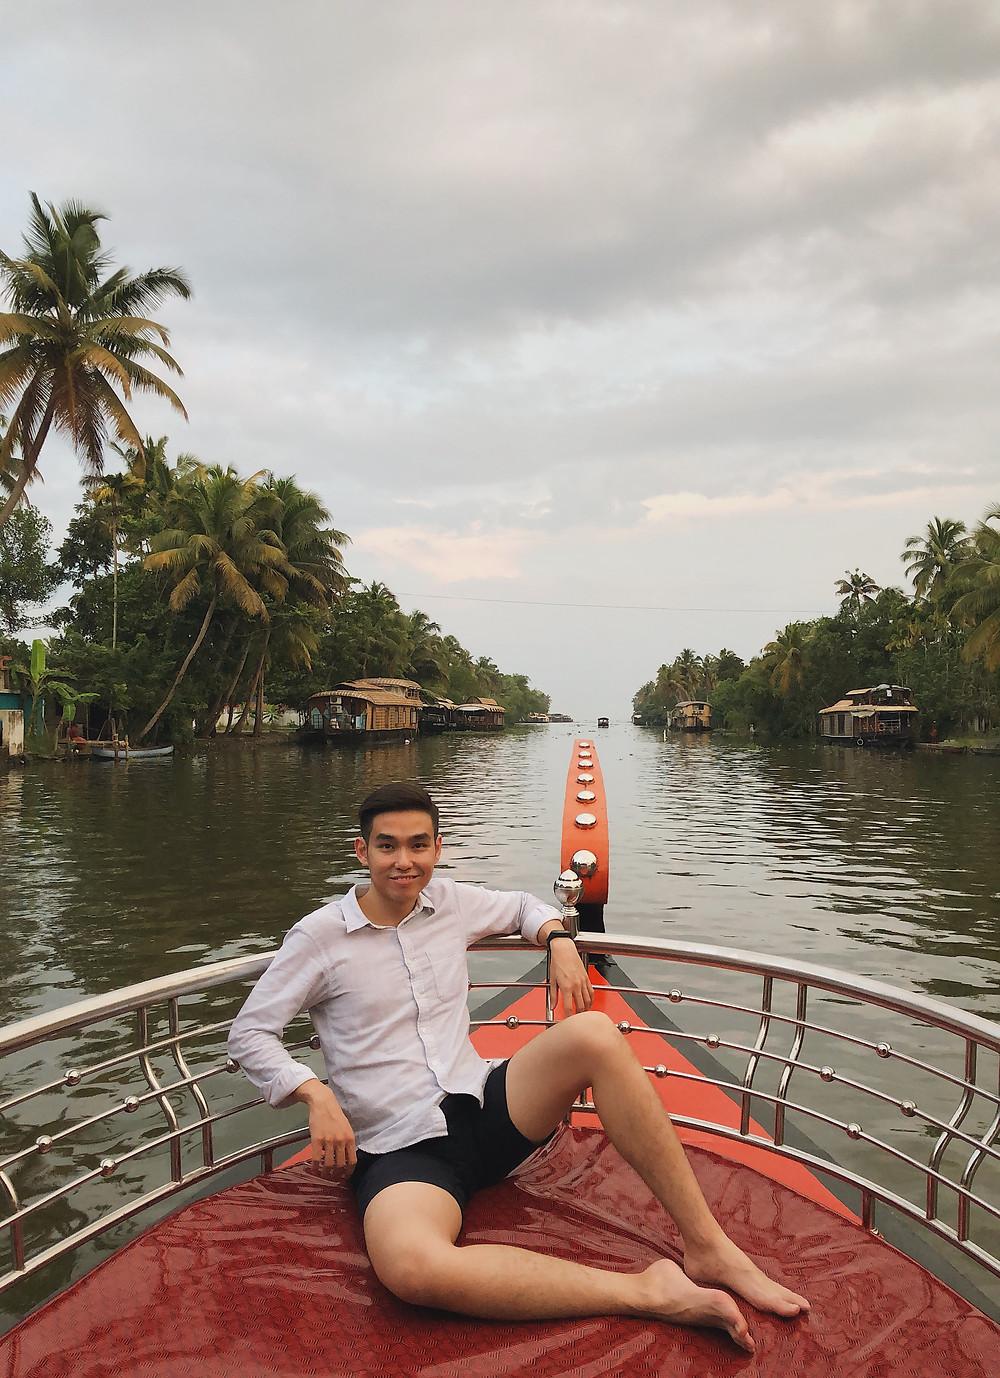 Shikara ride in Kerala backwaters, India